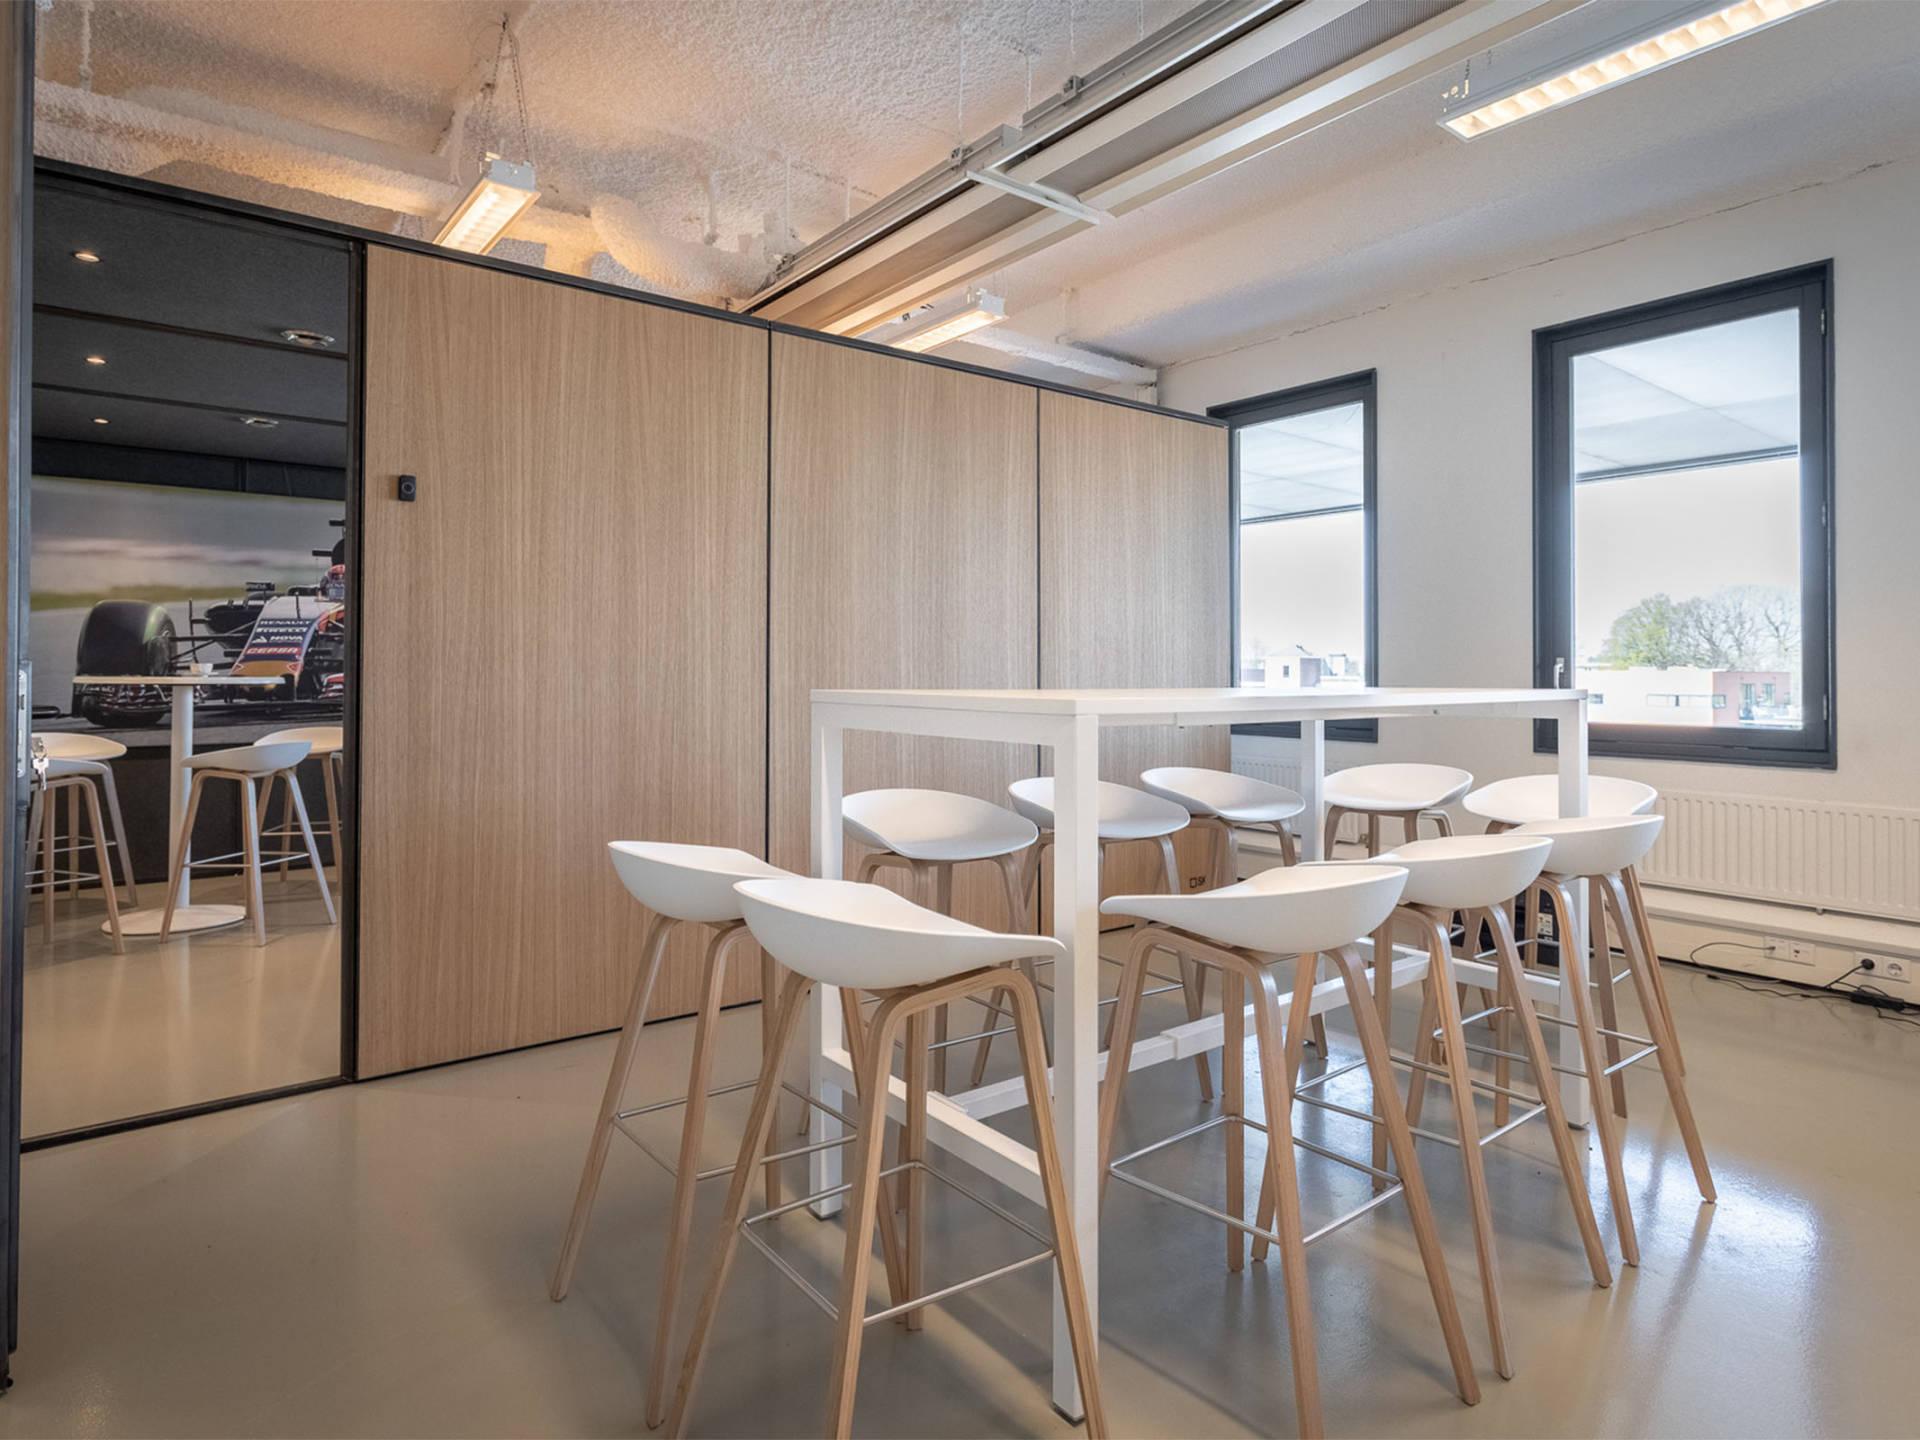 Buiten de meetingbox vind je een aanlandtafel met bijpassende barkrukken van het merk HAY.